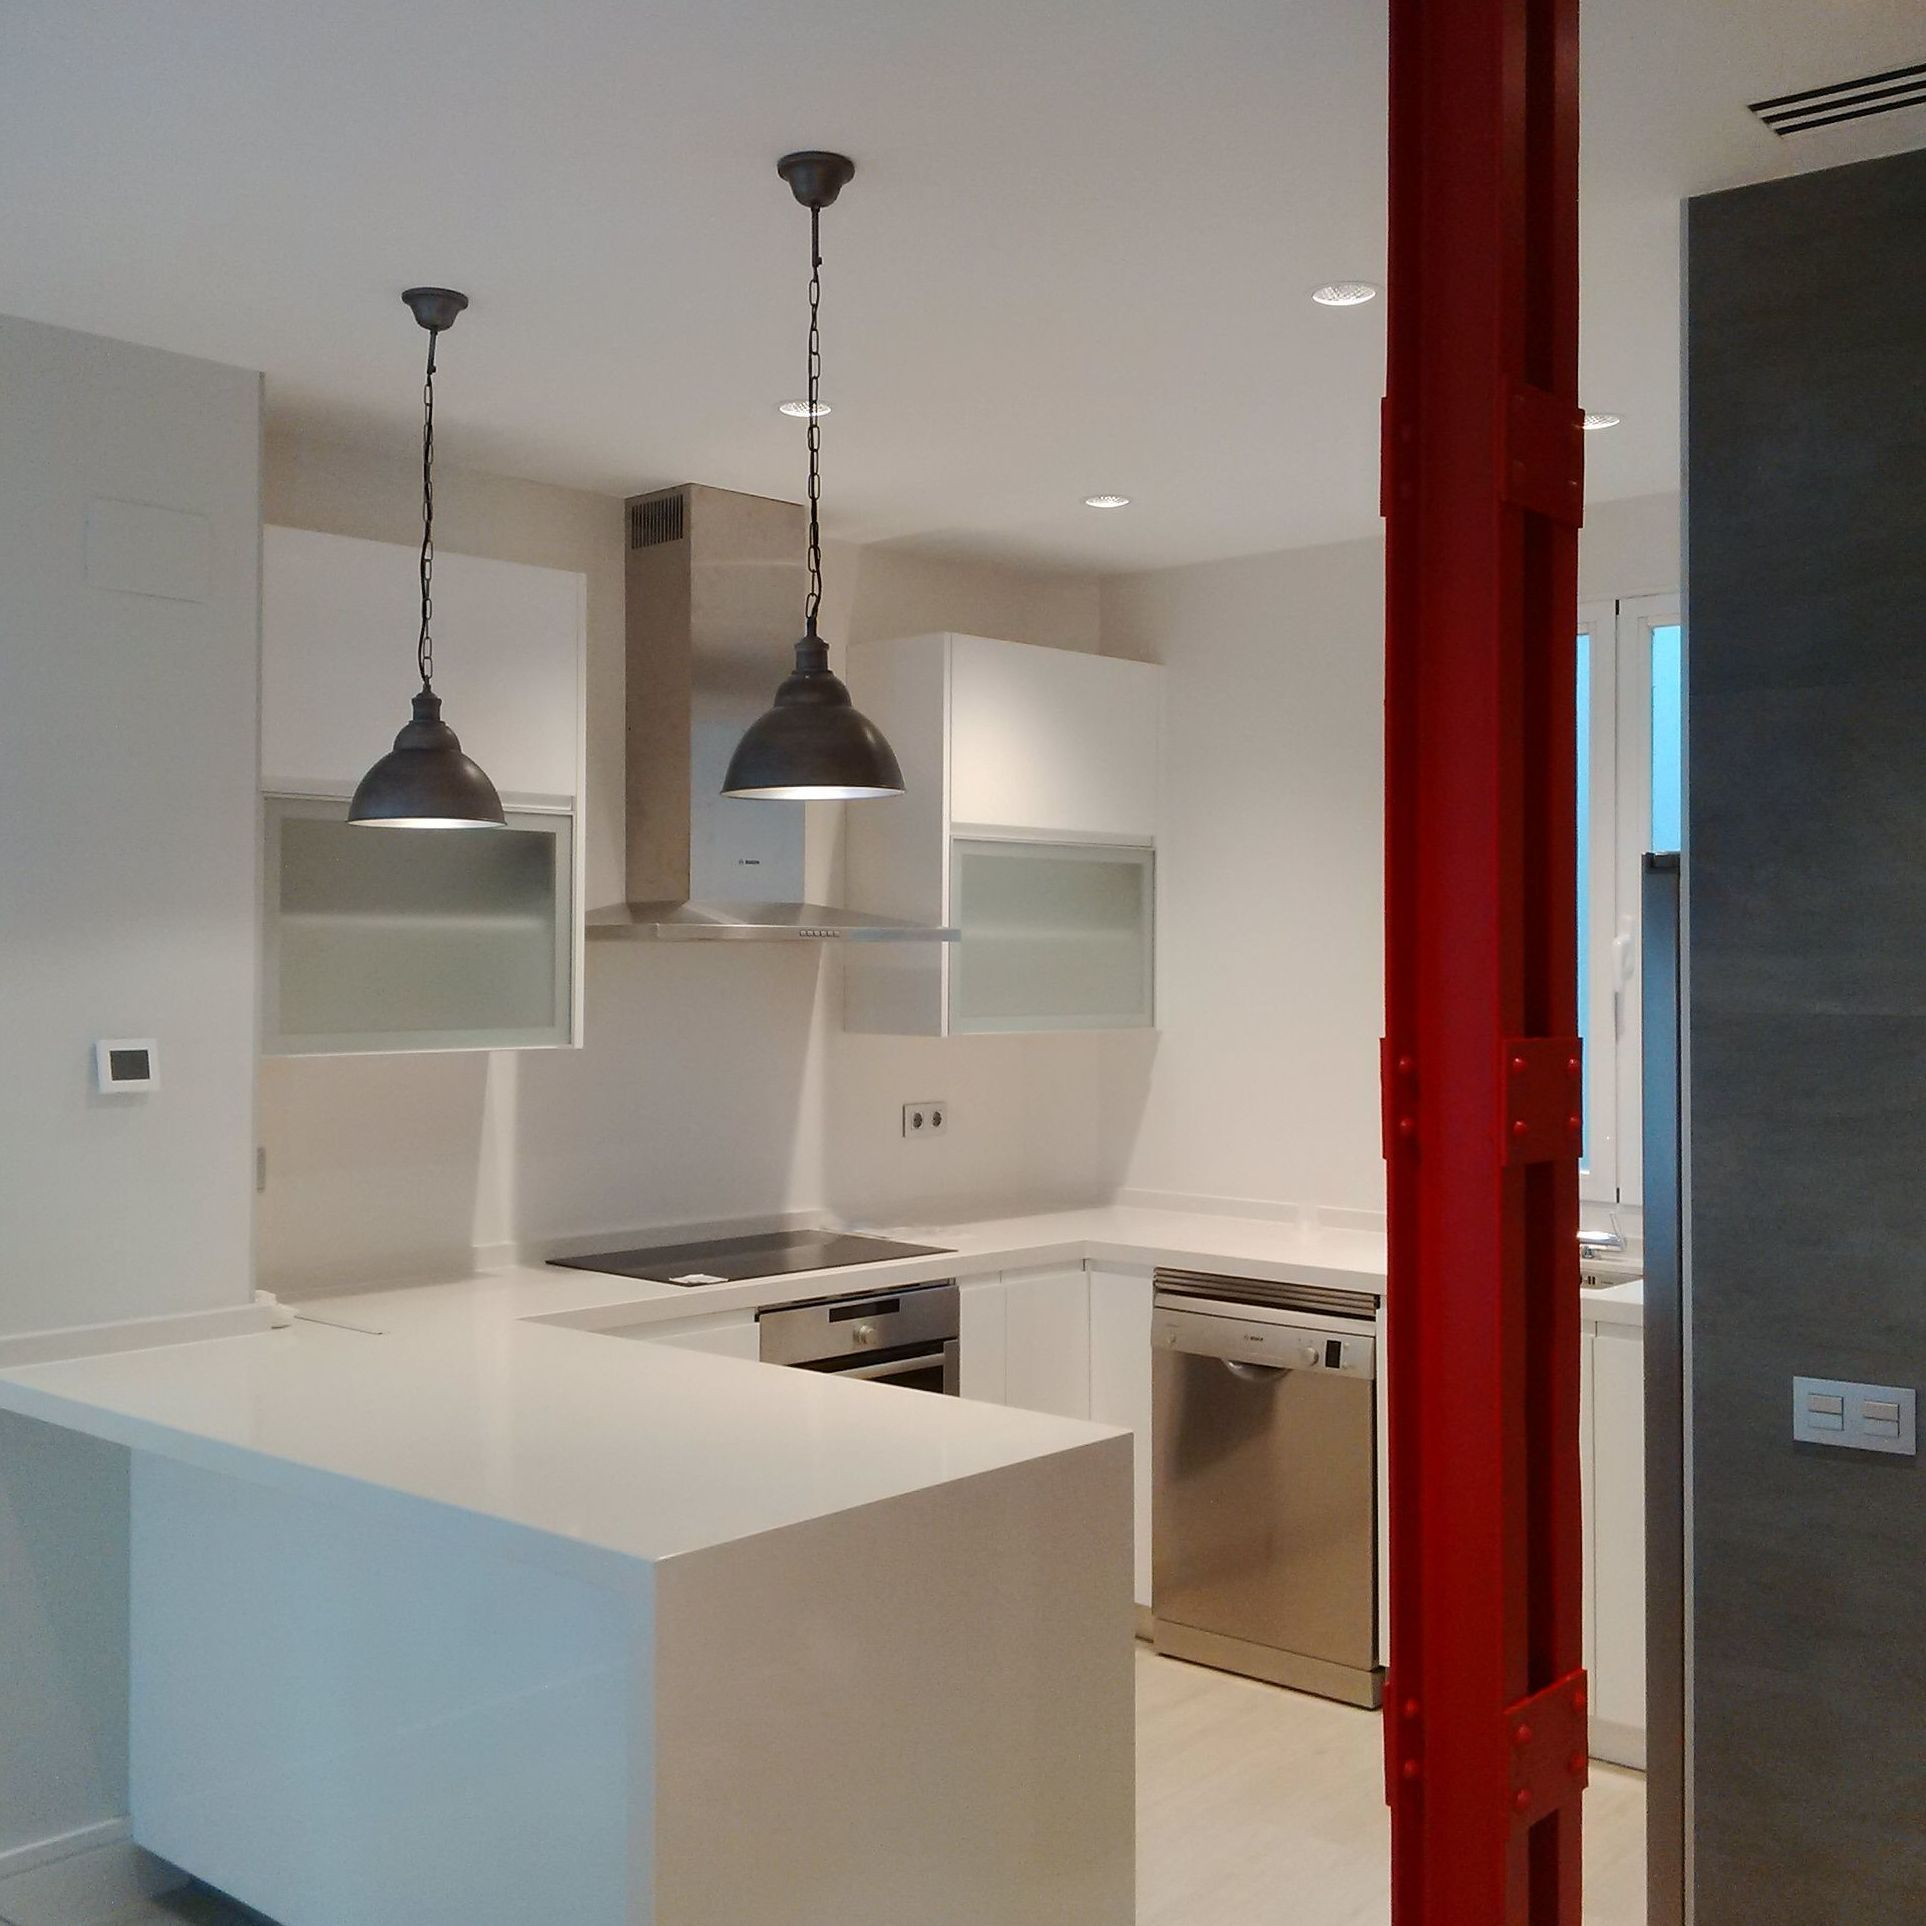 Reformas de pisos Fuenlabrada: Confisev Reformas